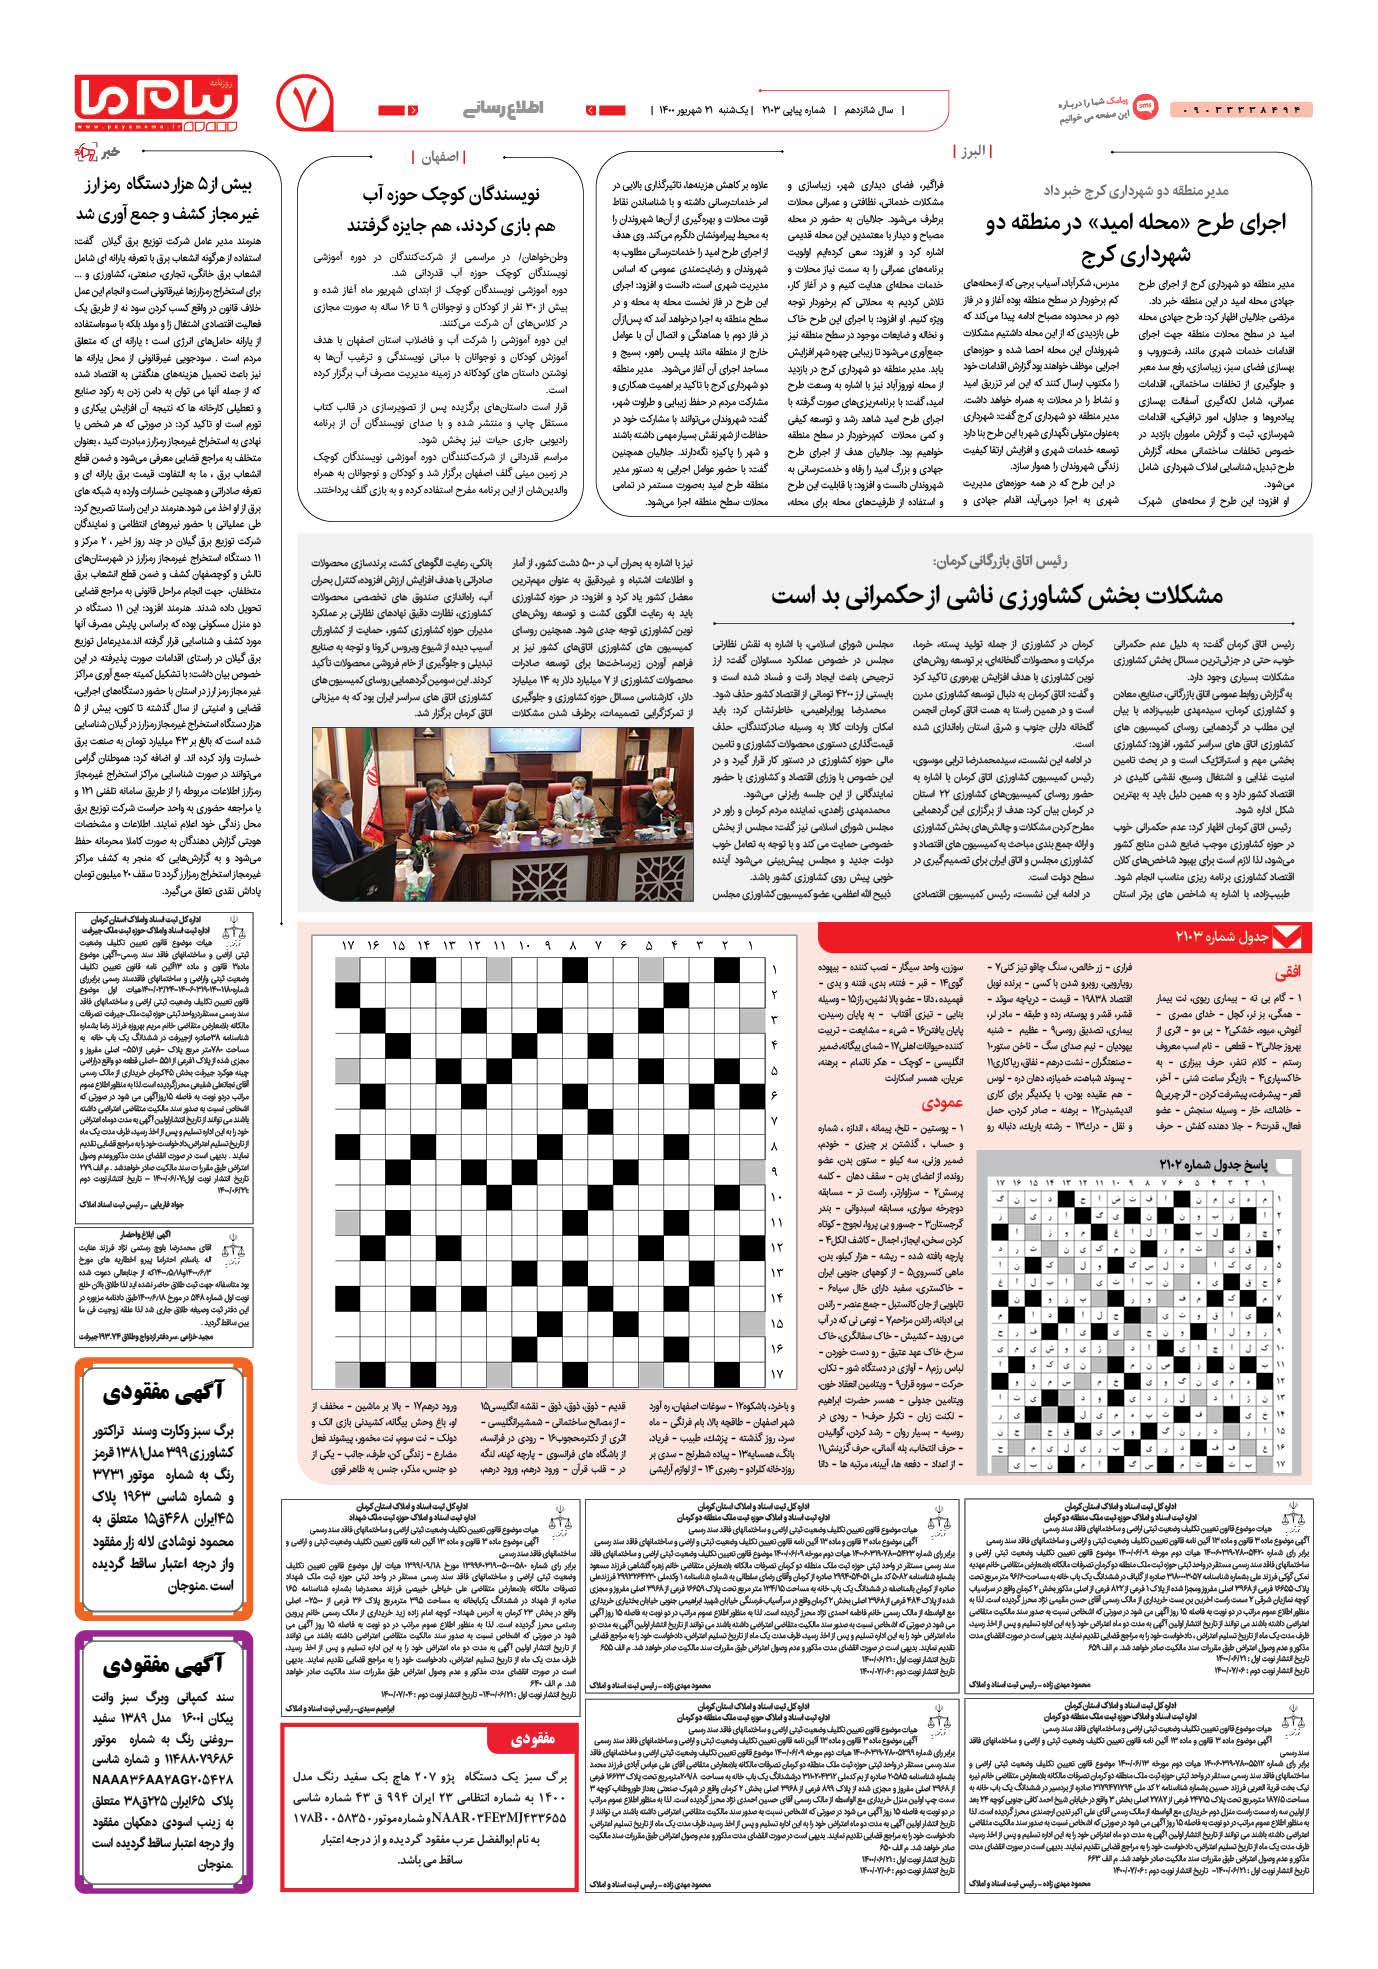 صفحه اطلاع رسانی شماره 2103 روزنامه پیام ما